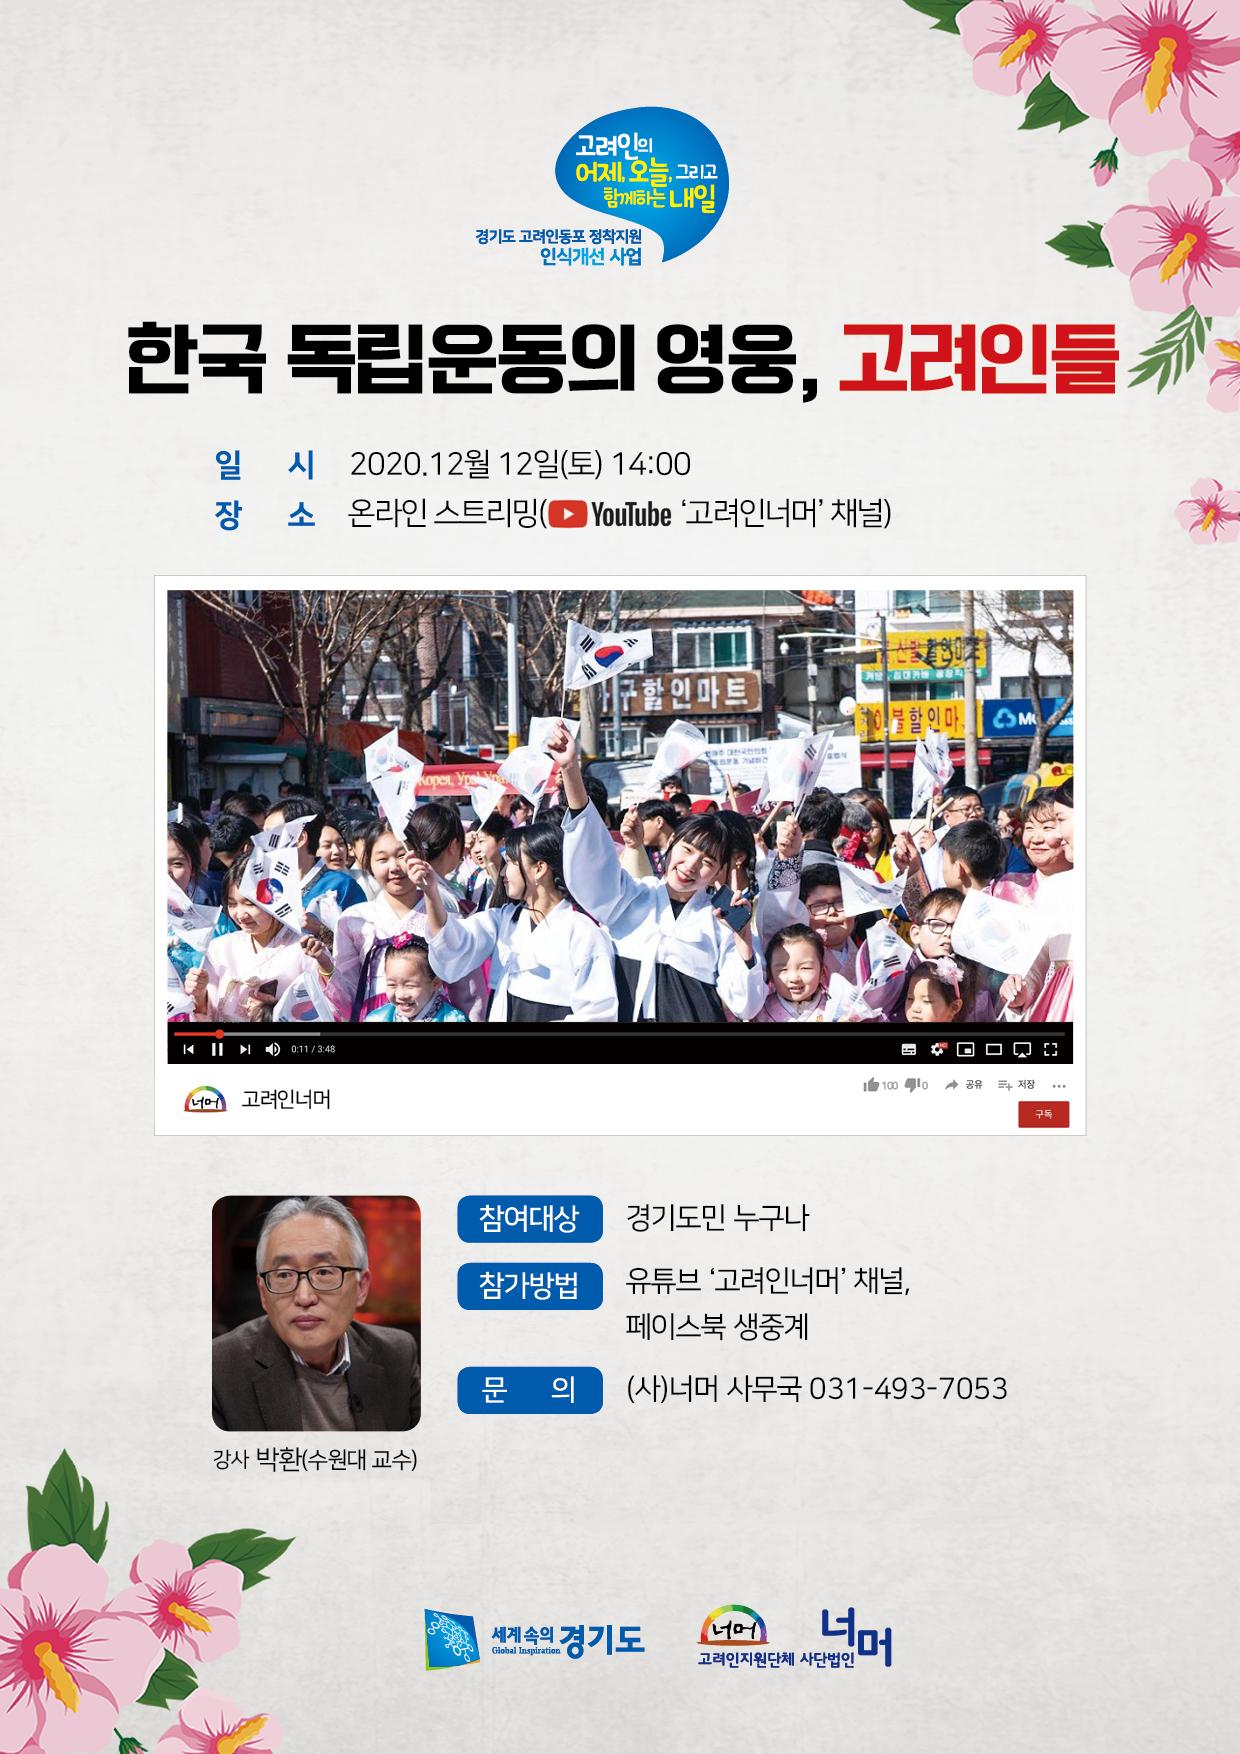 경기도민 특강 역사톡콘서트 웹포스터 수정2.jpg